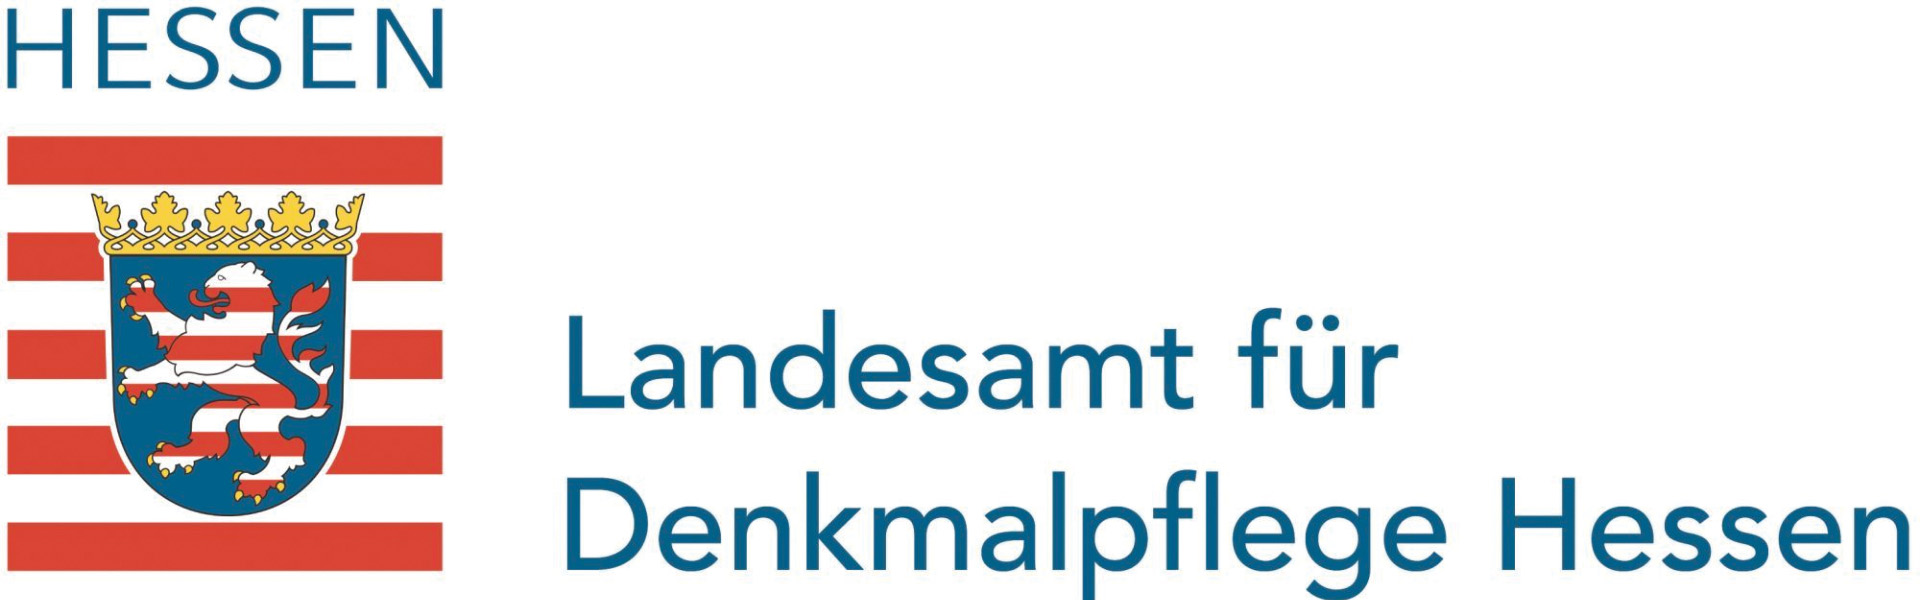 Landesamt für Denkmalpflege Hessen